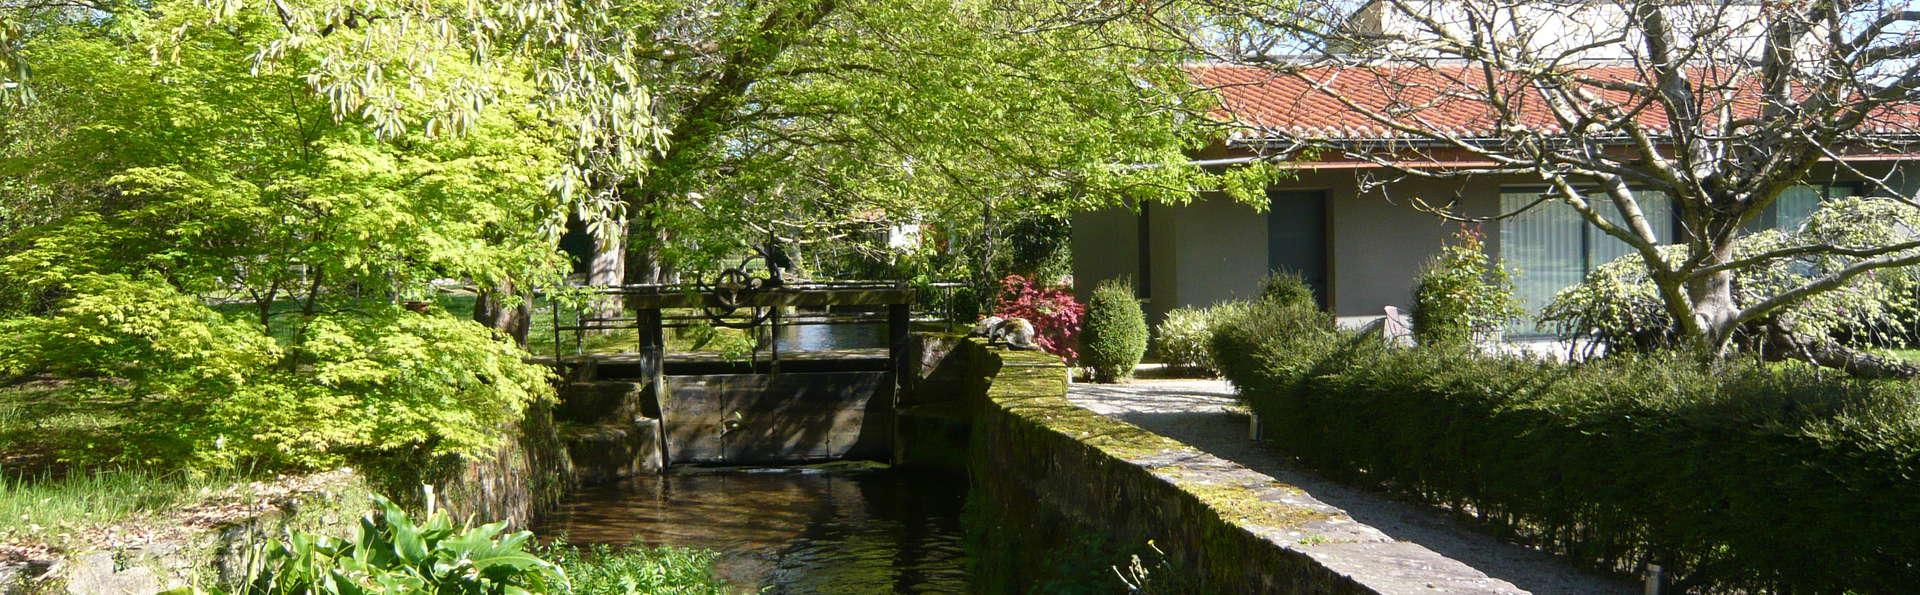 Hotel Jardín de Carrejo - View from hotel